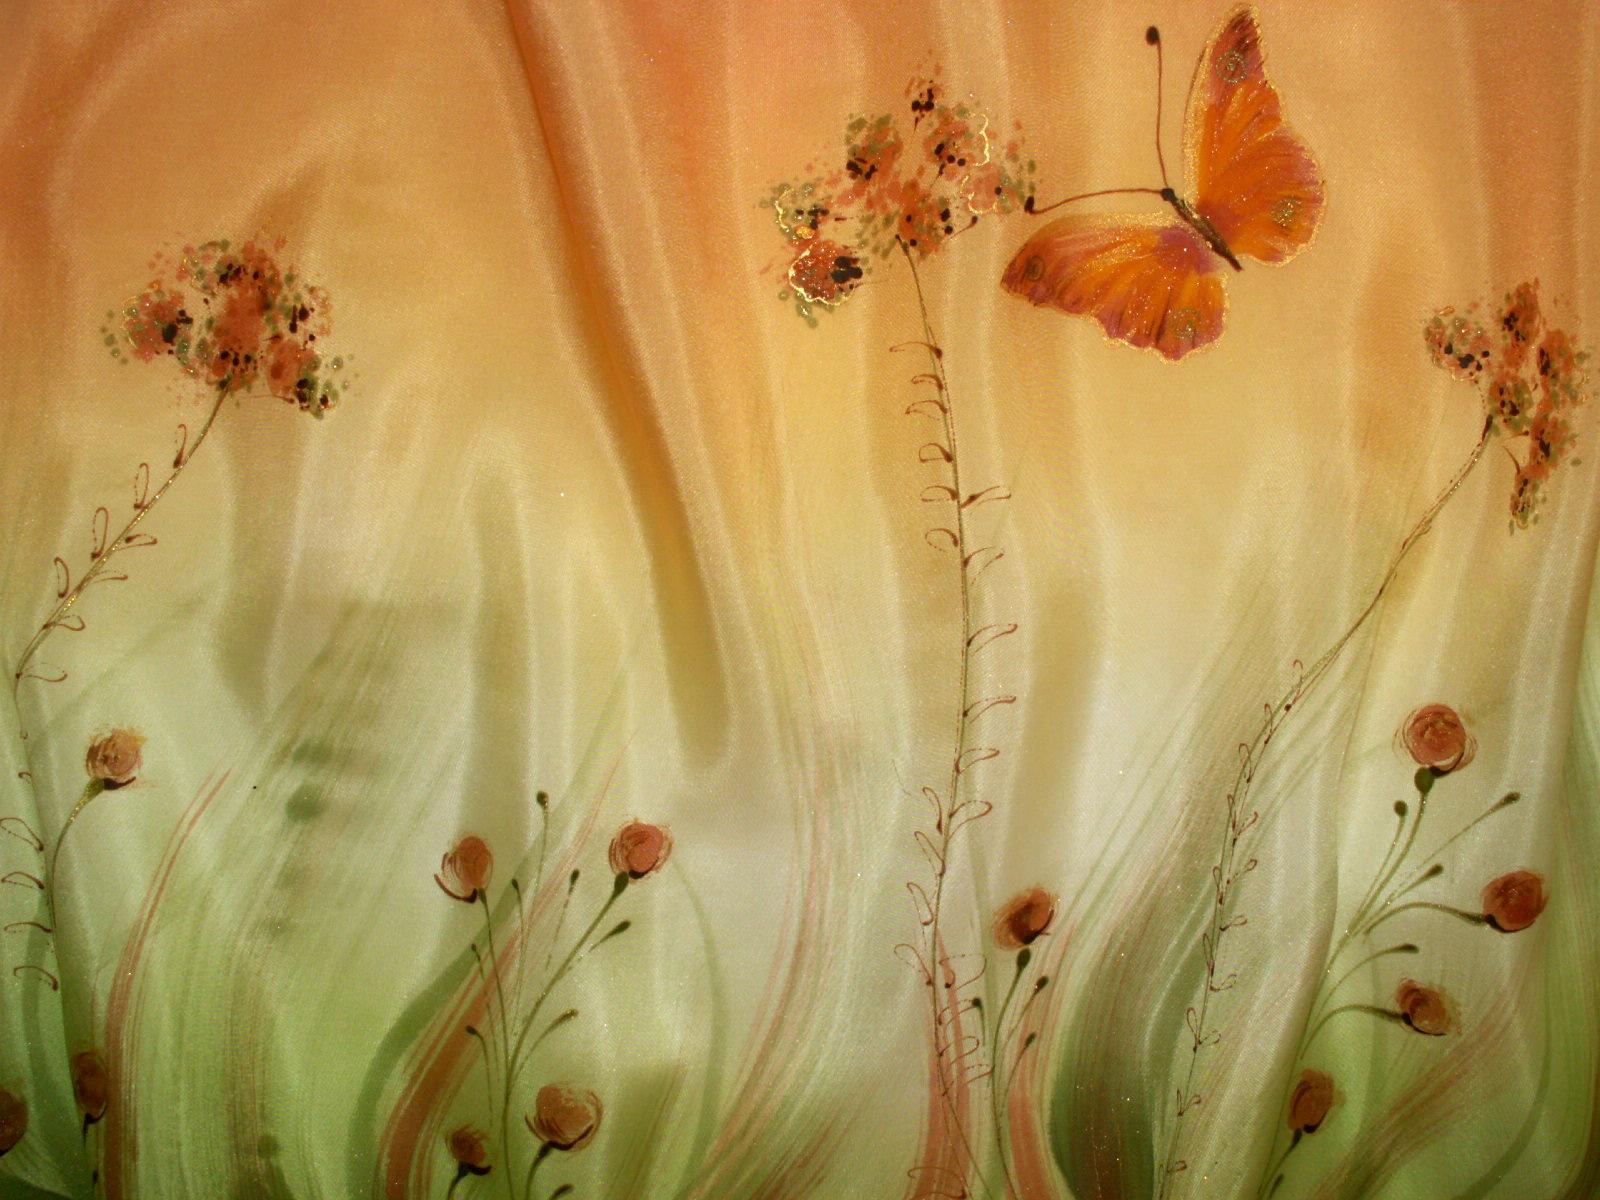 Motýl - ručně malované hedvábí   Zboží prodejce Anja ateliér  8dfb61d7fa